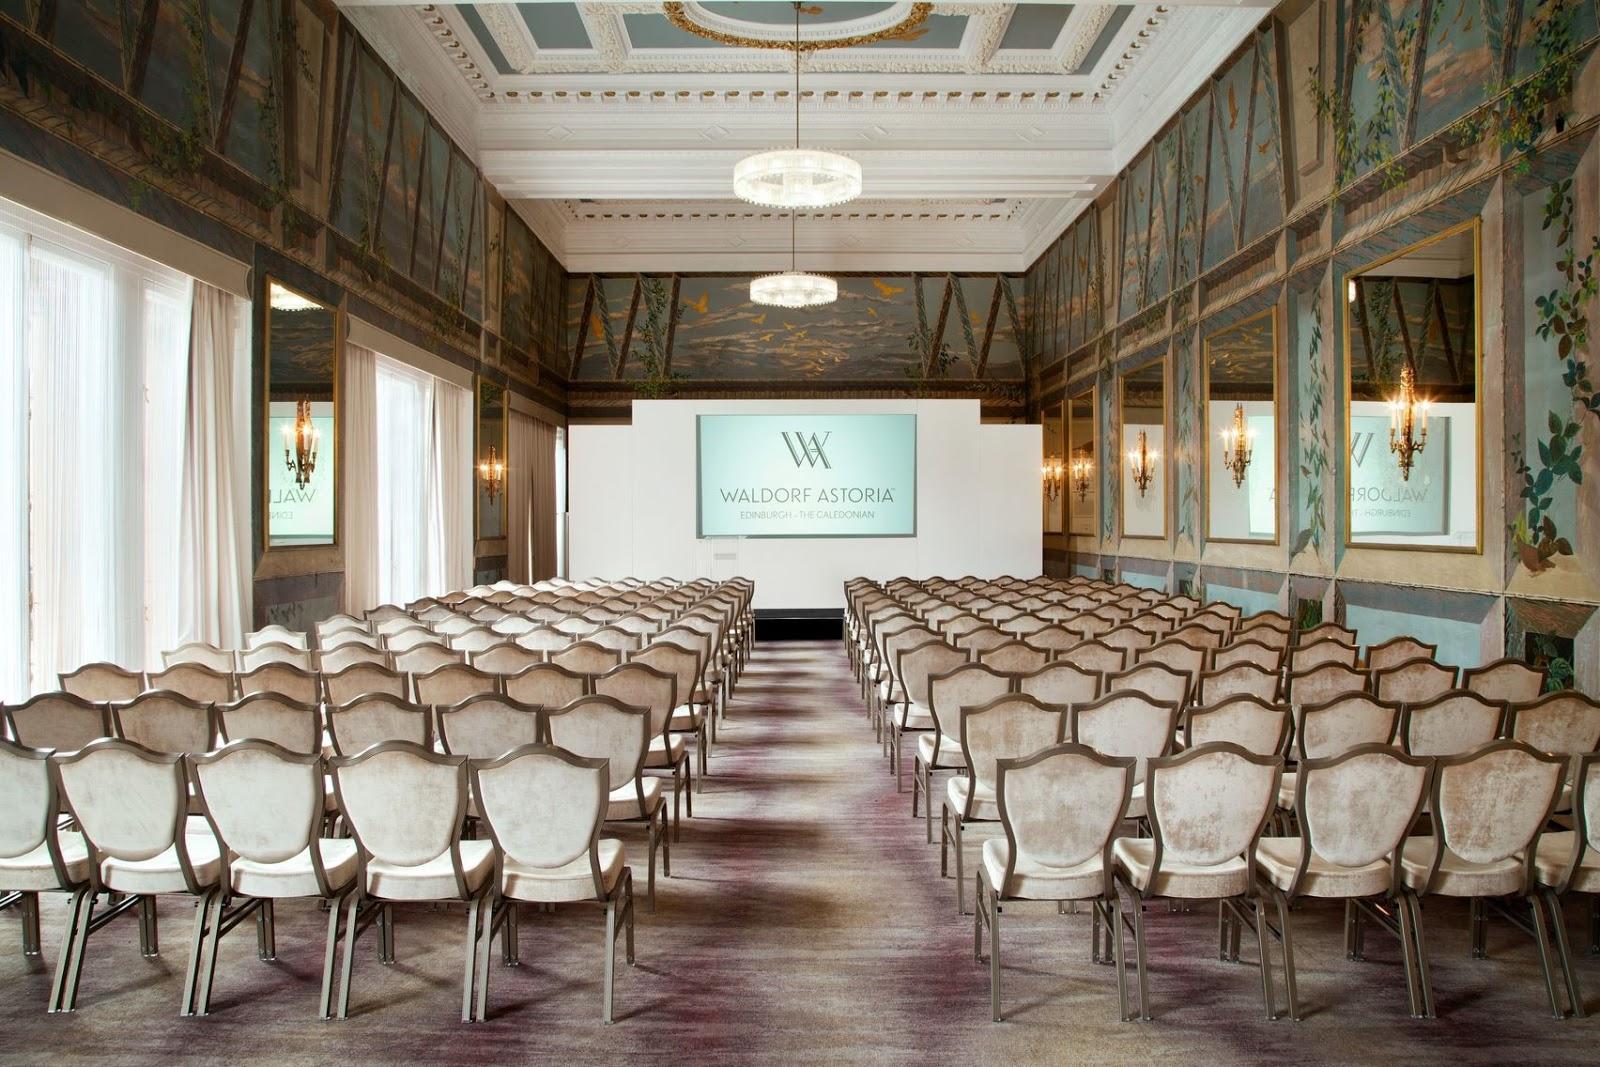 A large Edinburgh Conference venues